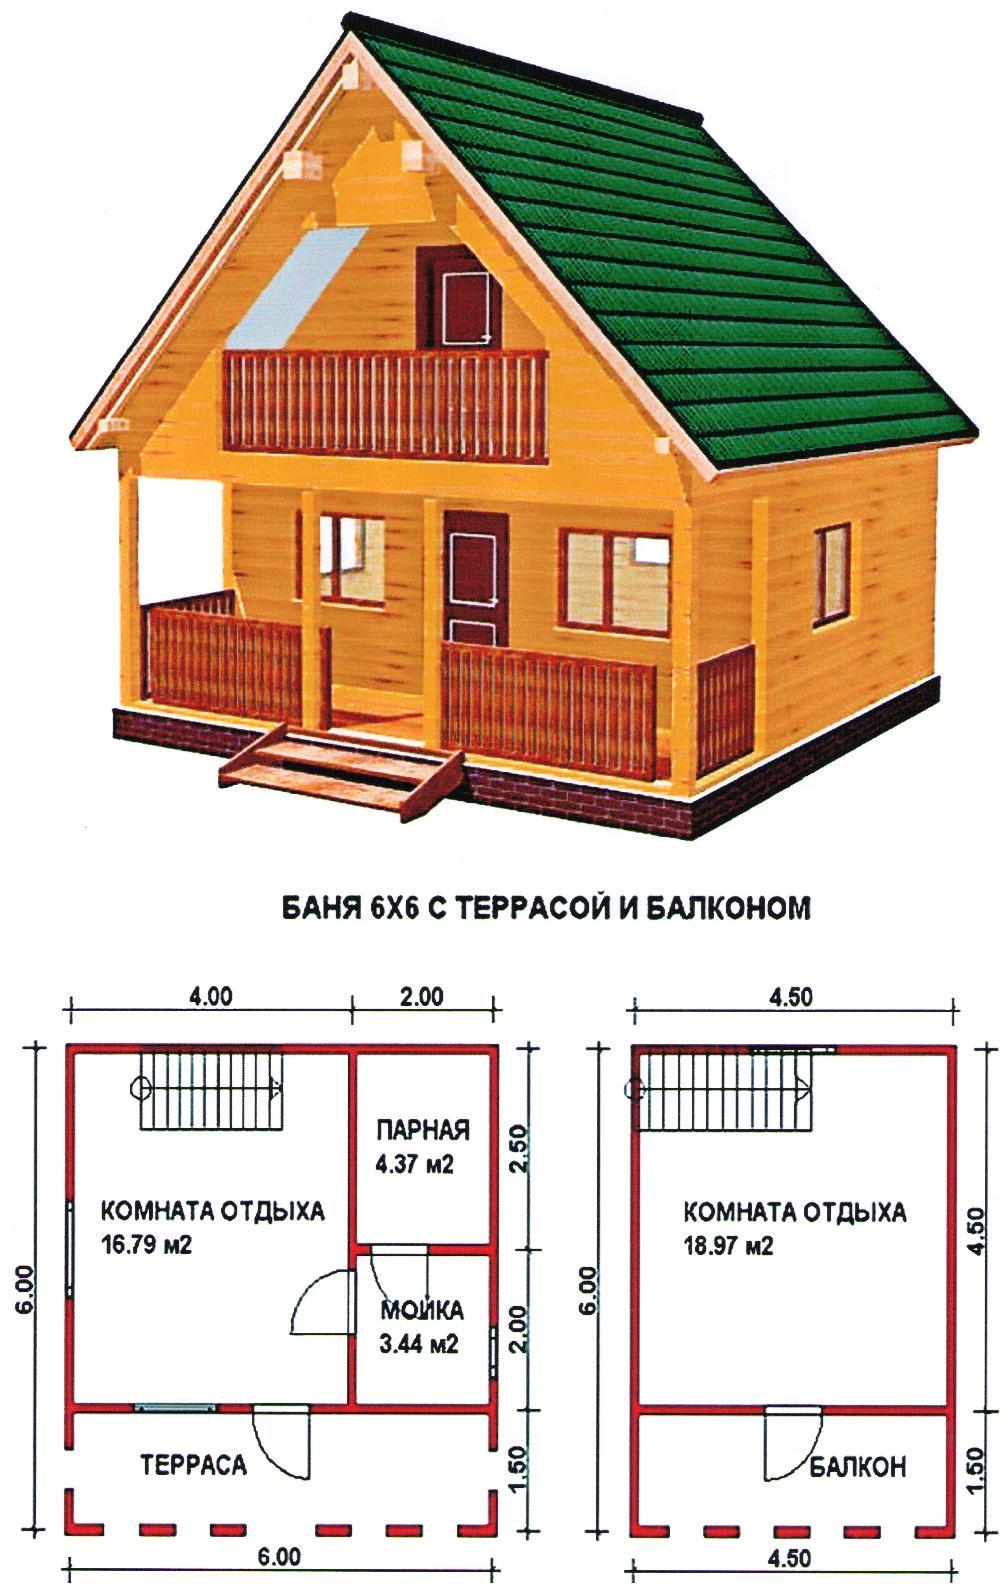 Баня строительство проекты